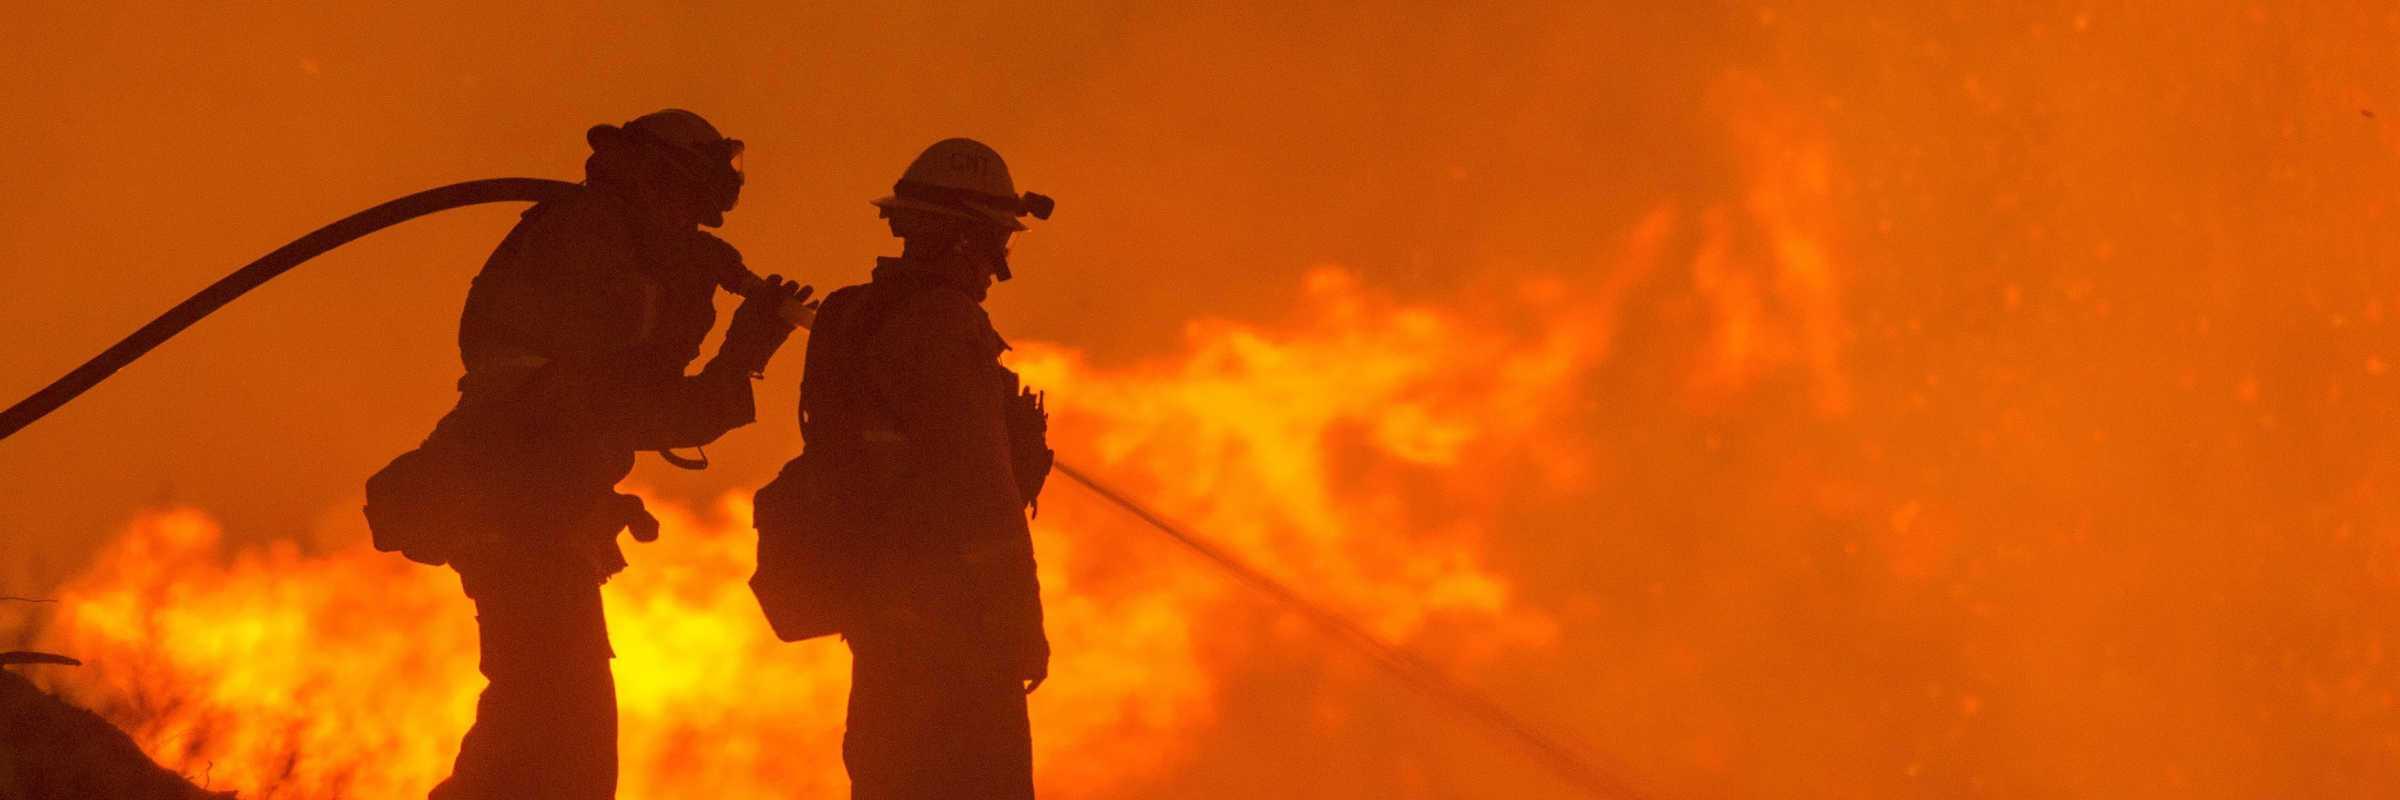 Incendio nella foresta — (Foto di skeeze, da Pixabay)